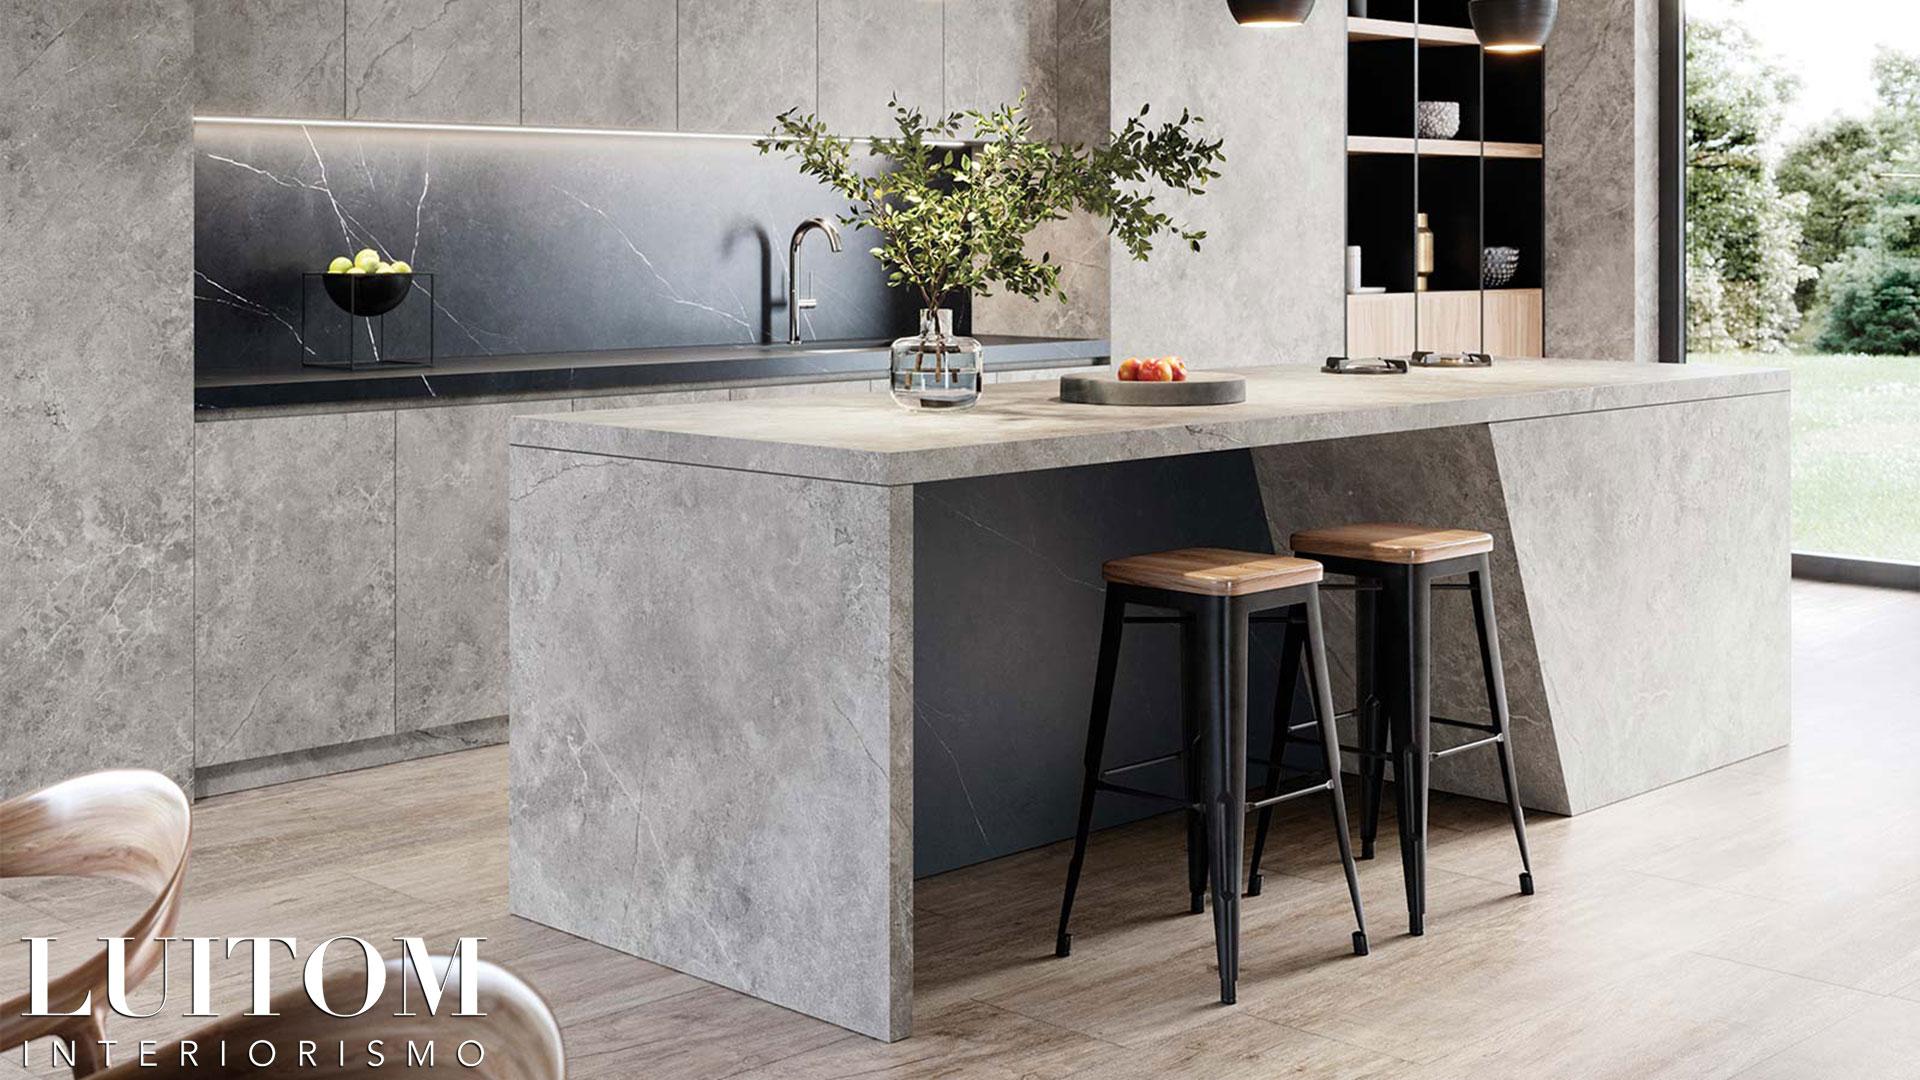 cocinas-de-lujo-en-madrid-centro-modern-kitchen-luxury-home-reforma-integral-ideas-diseno-cocina